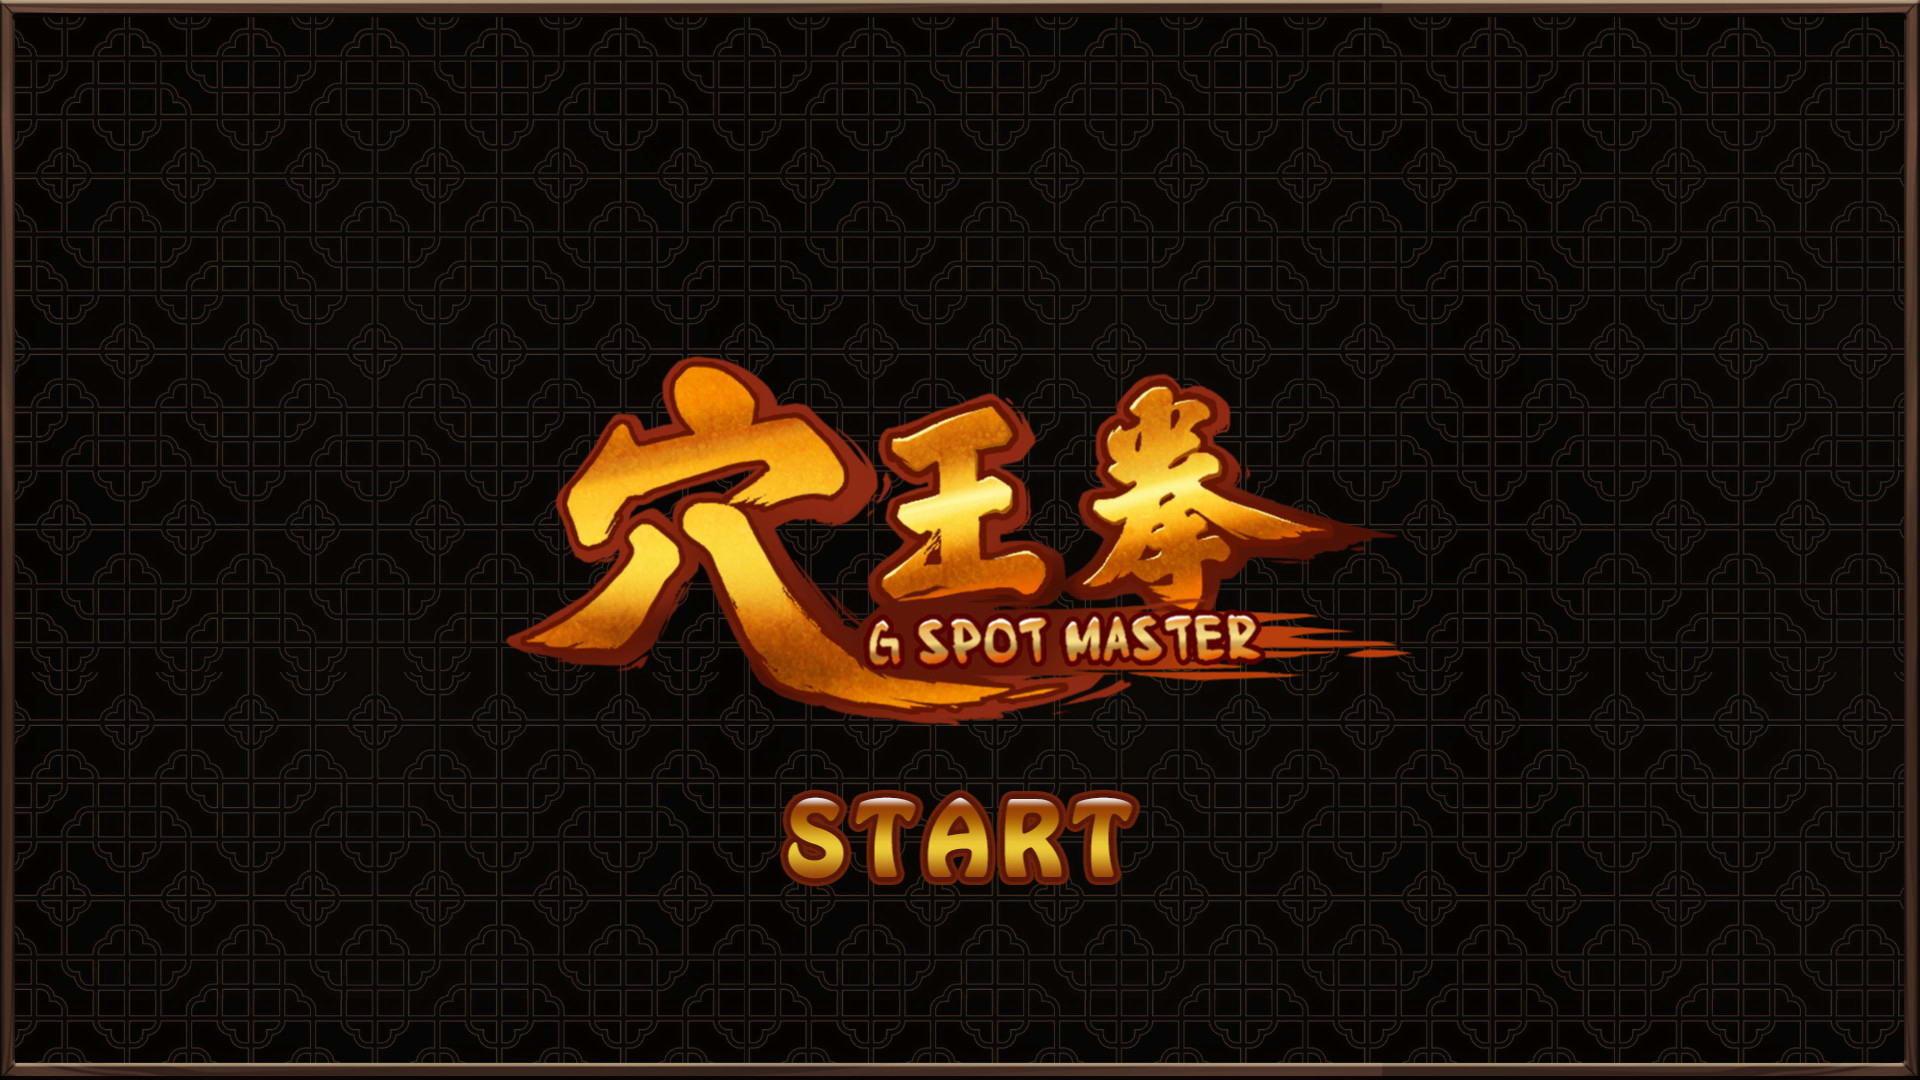 穴王拳:GSpot Master